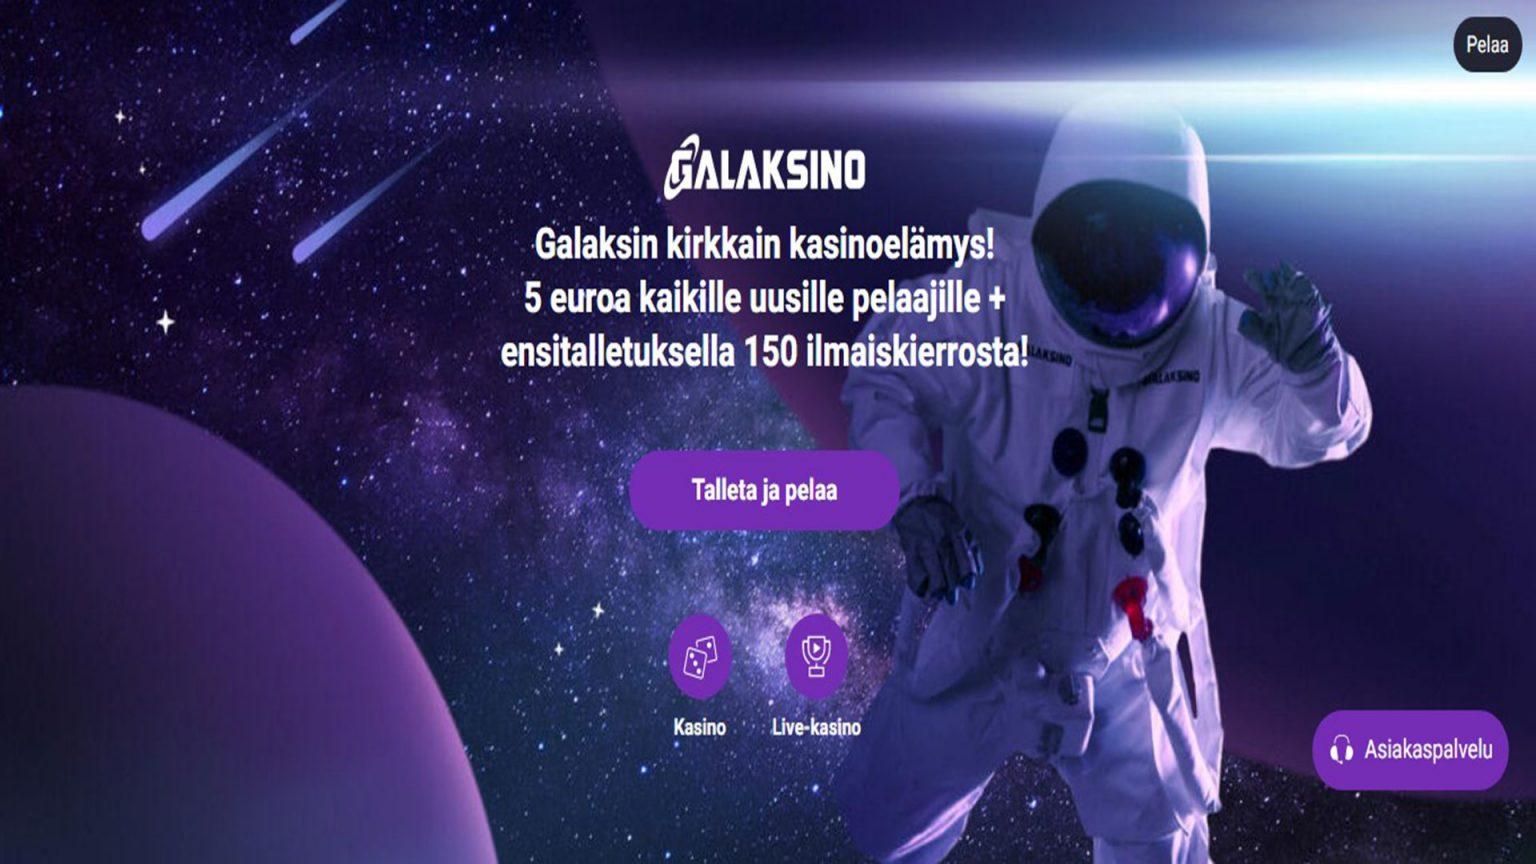 Galaksino Kasino-näyttökuva